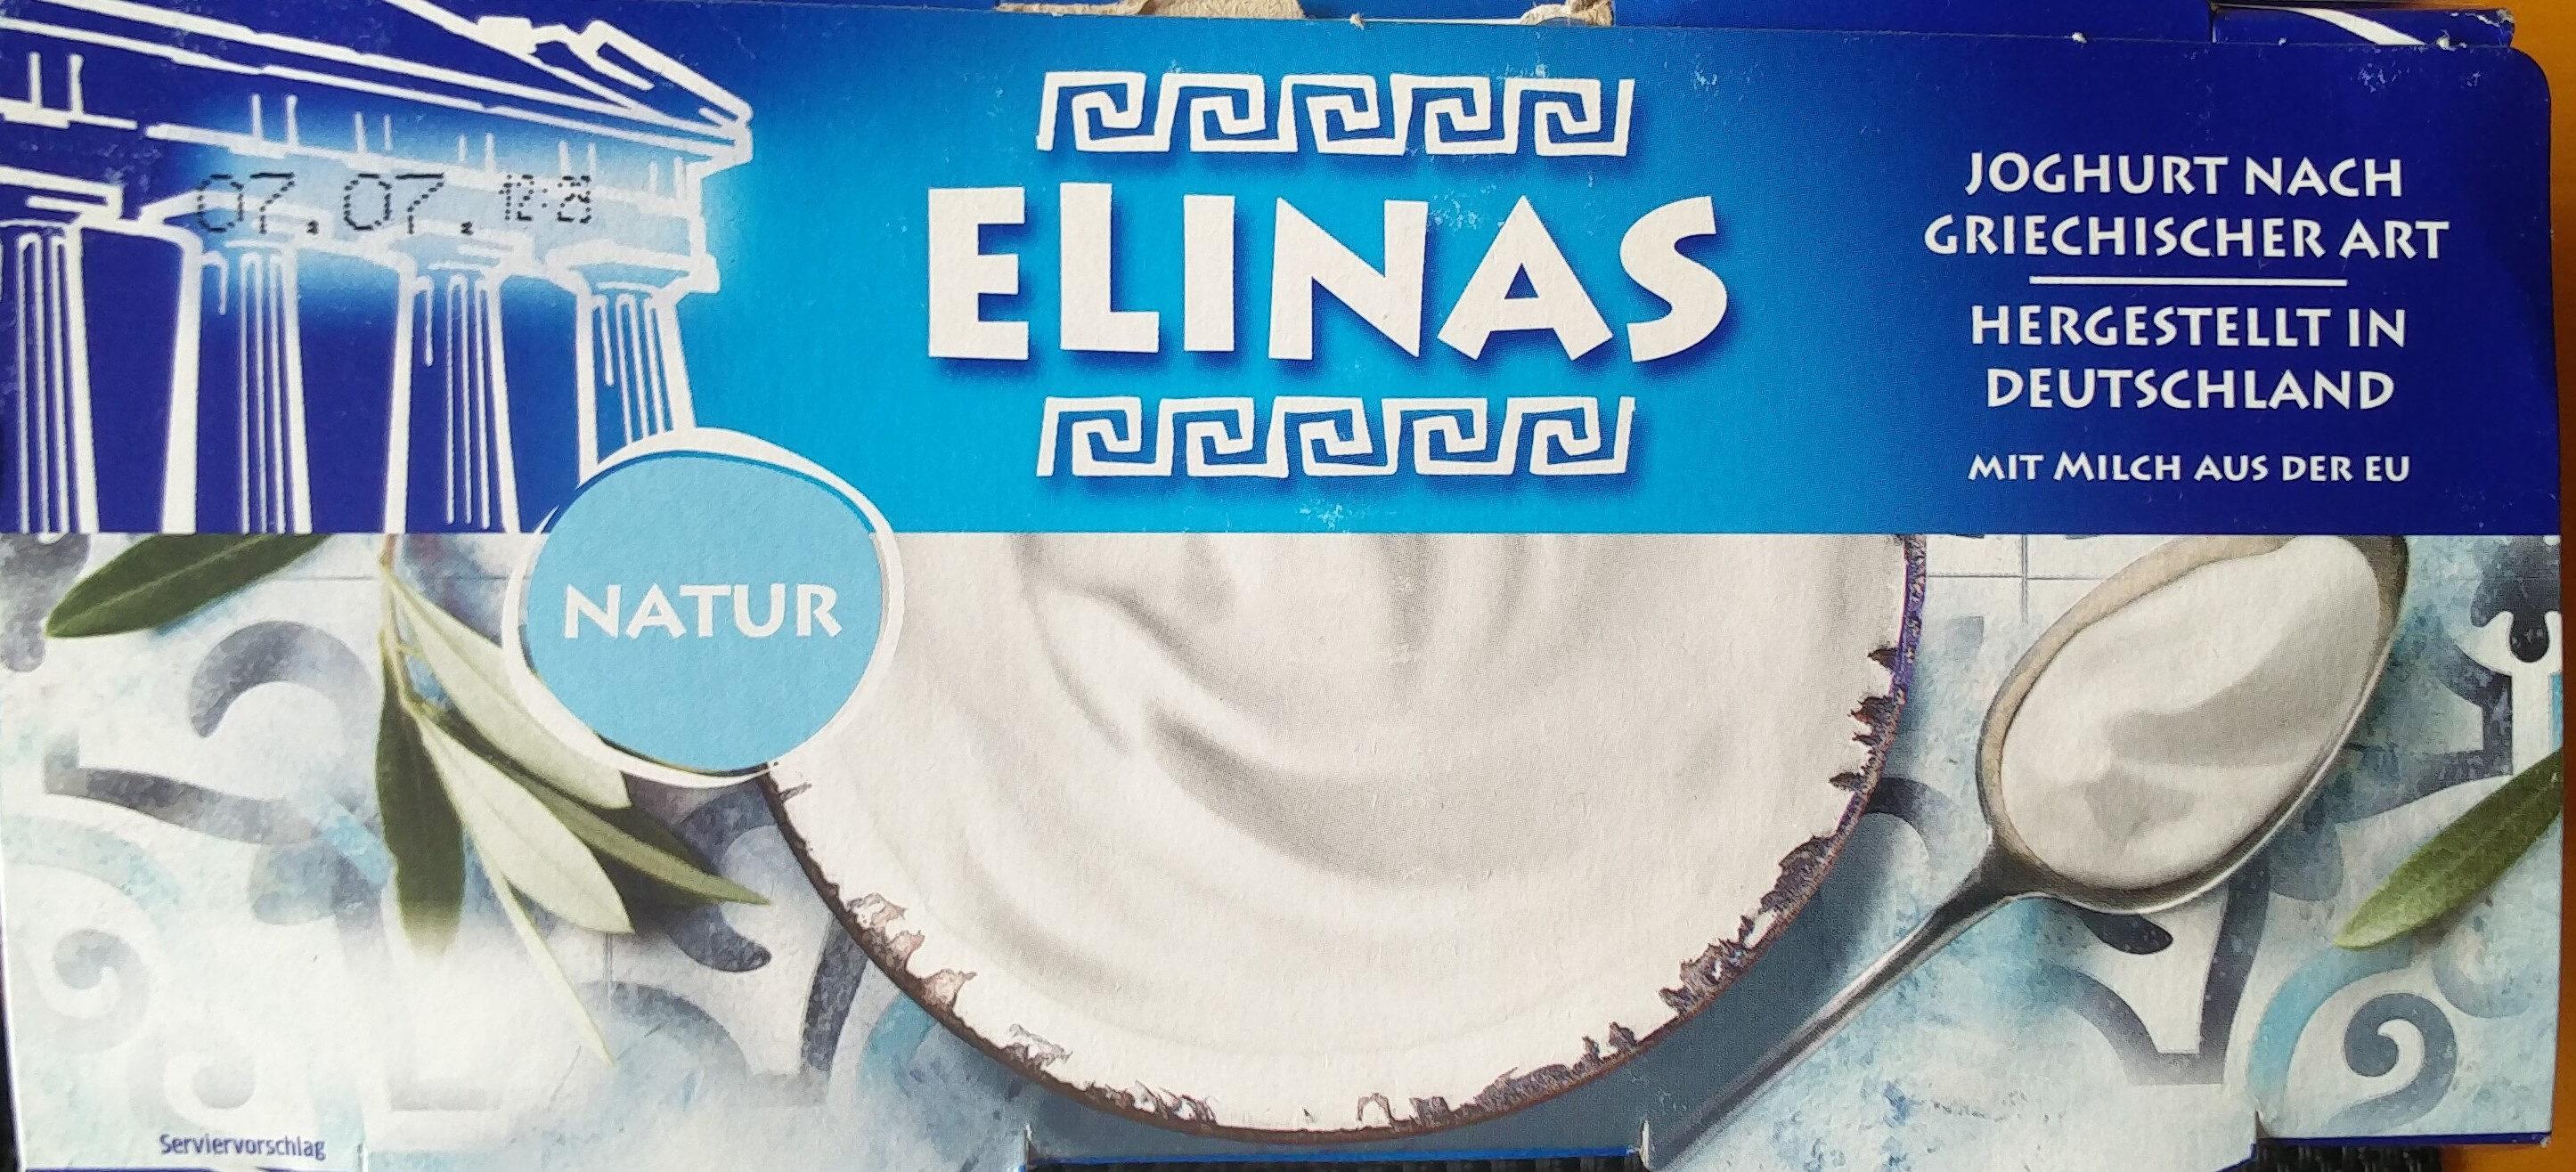 Joghurt nach griechischer Art (Natur) - Produkt - de